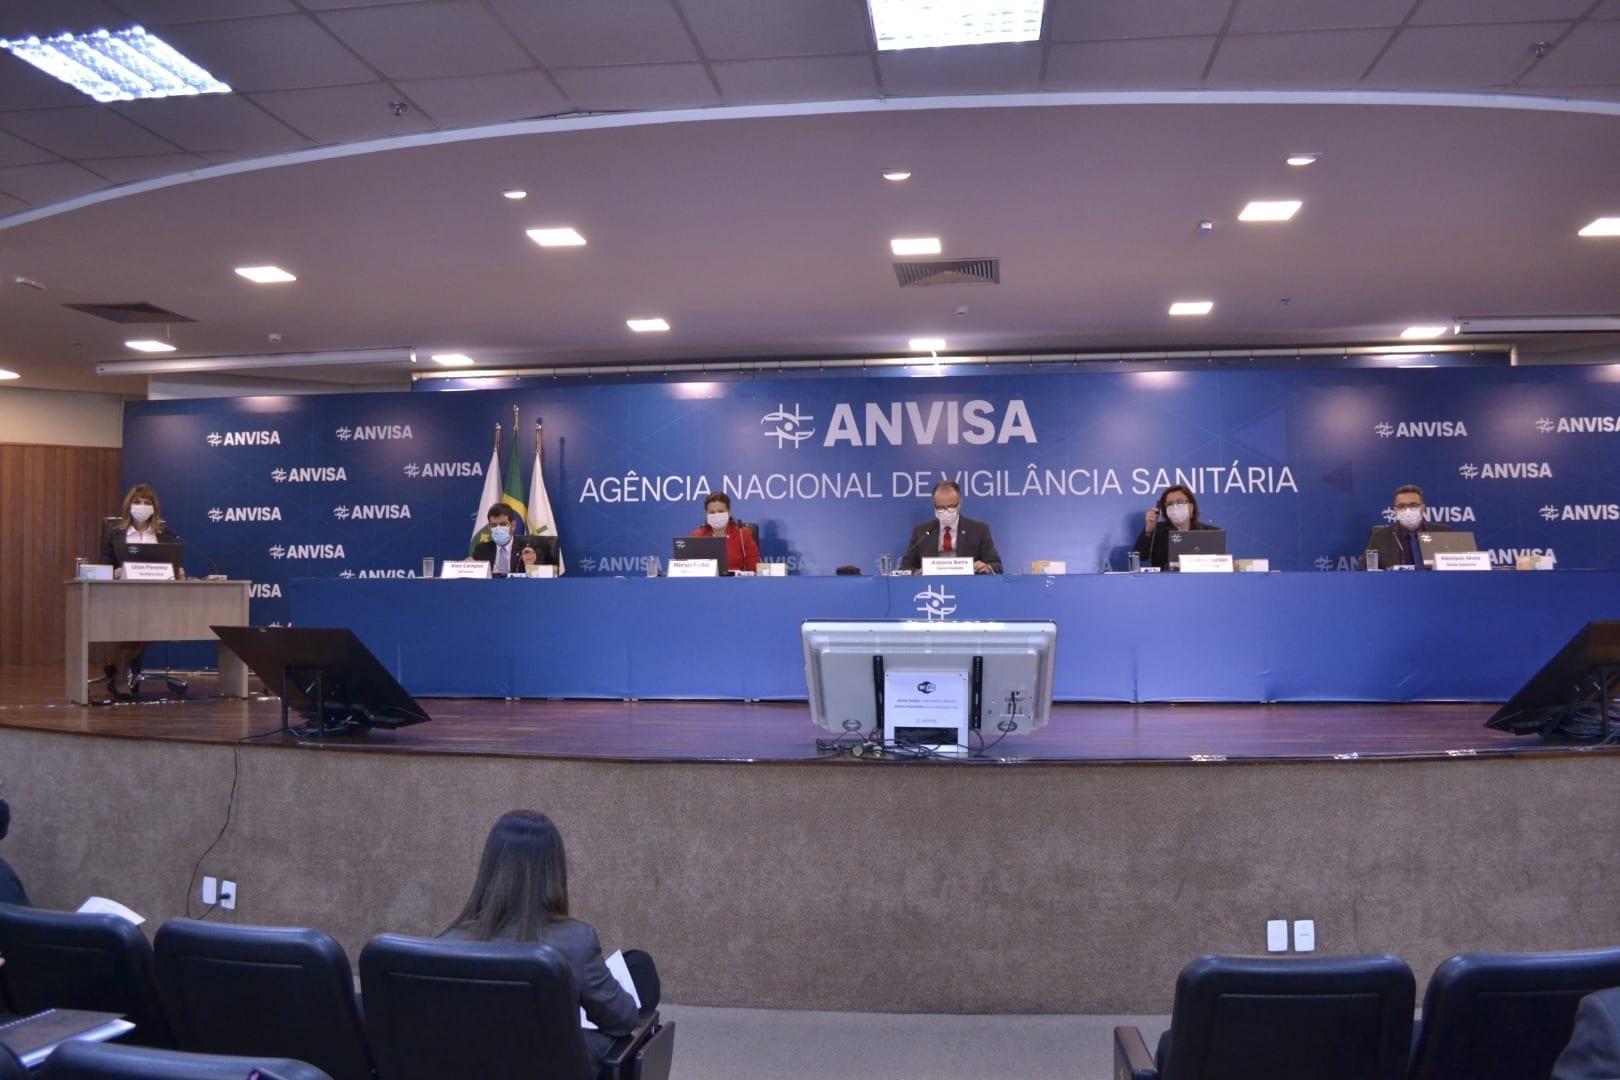 Diretores da Anvisa decidem autorizar uso emergencial da CoronaVac e da CoviShield